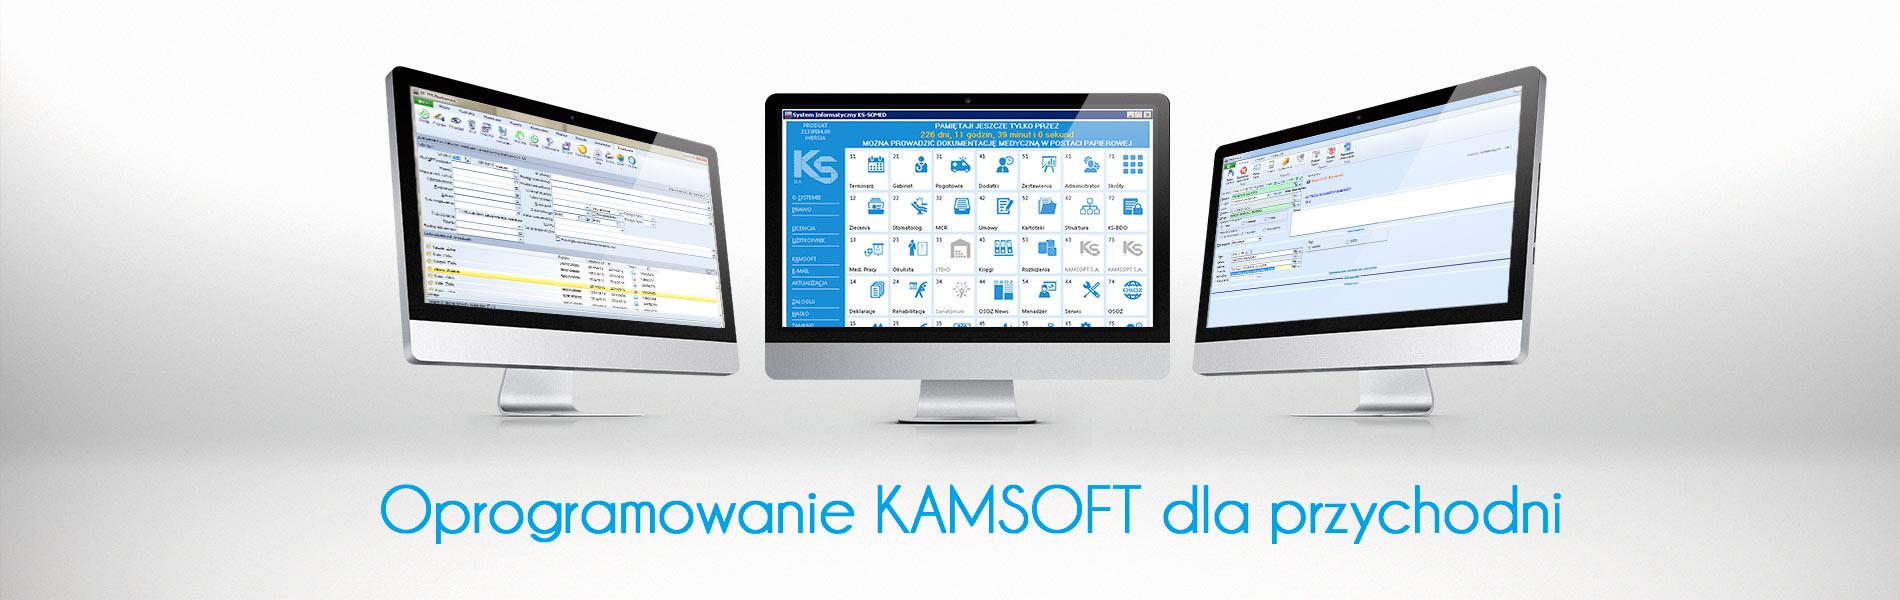 Asmmed Sławomir Opajdowski - kompleksowe rozwiązania informatyczne Kamsoft dla placówek medycznych